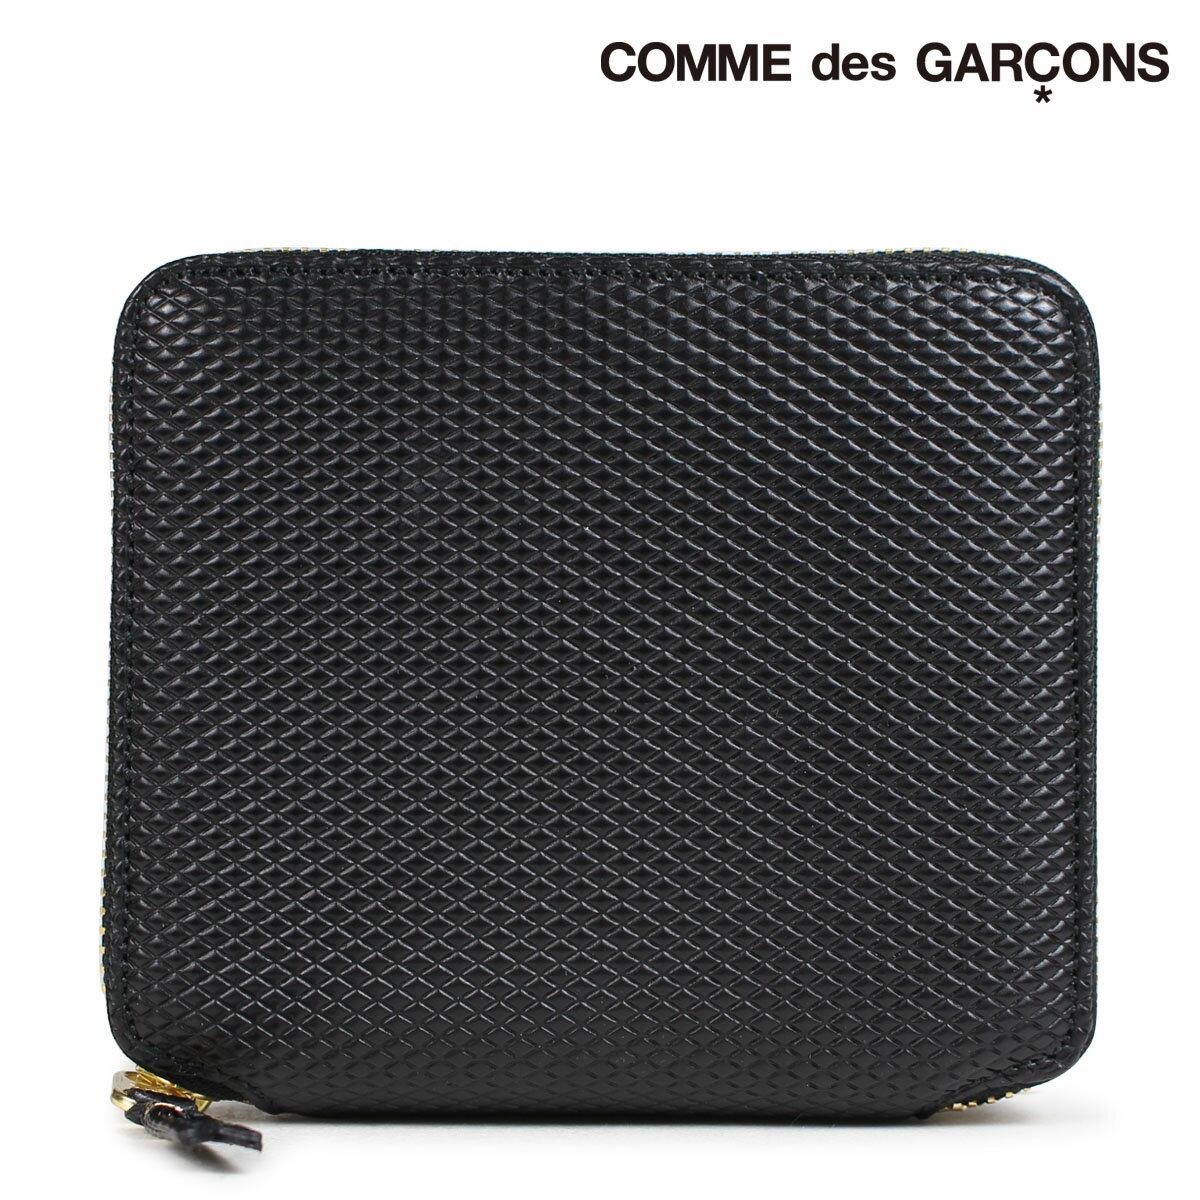 コムデギャルソン 財布 二つ折り メンズ レディース ラウンドファスナー COMME des GARCONS SA2100LG ブラック